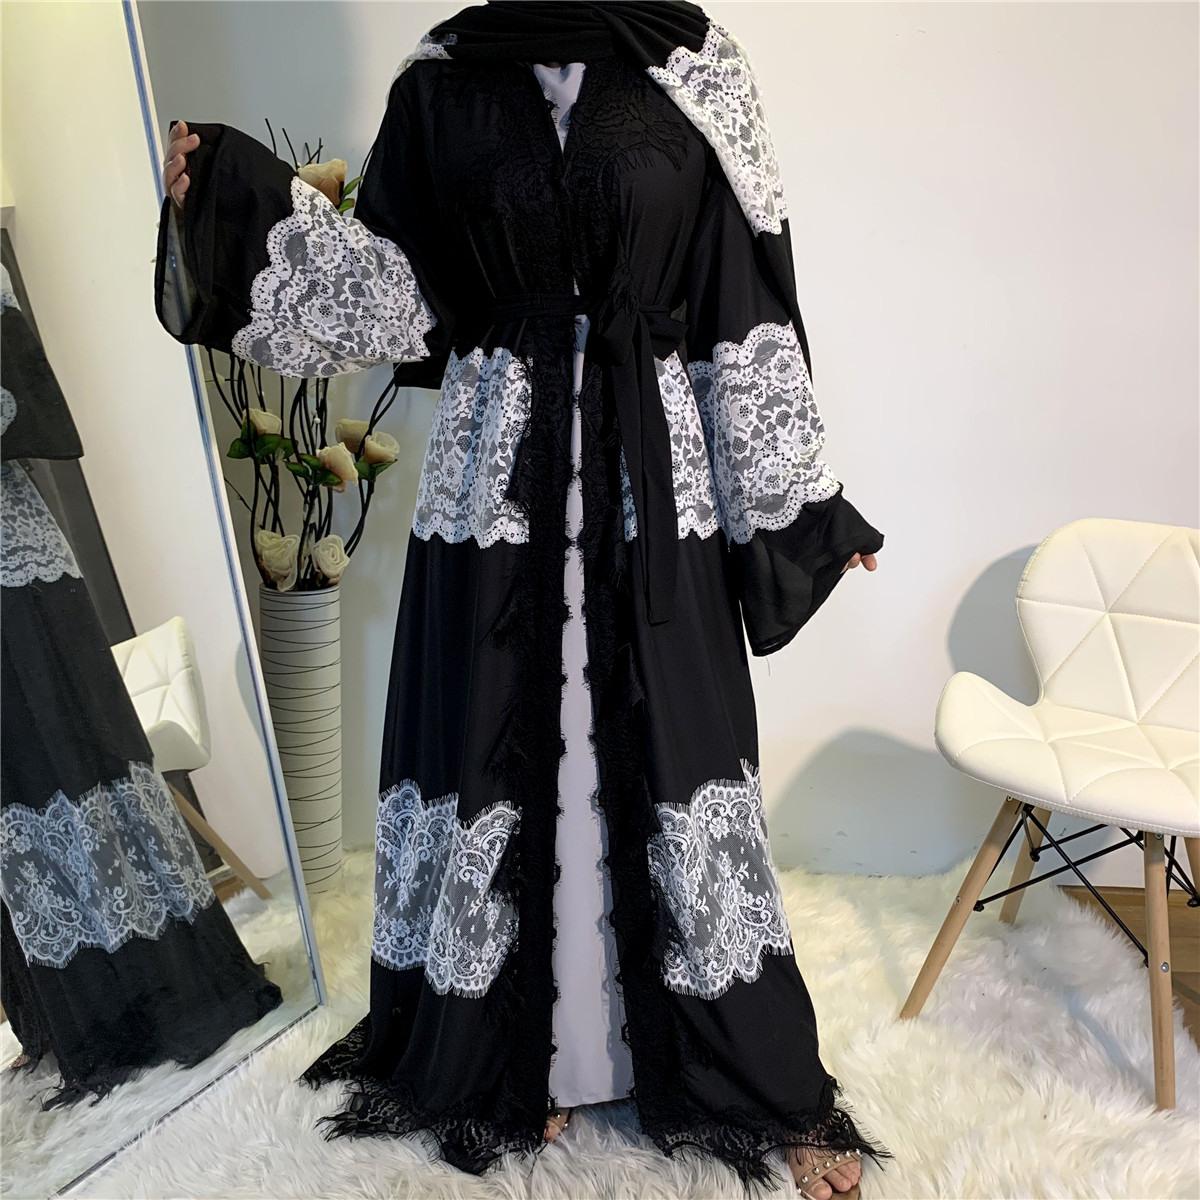 1806  Neuesten Styles Großhandel Muslimischen Kleider